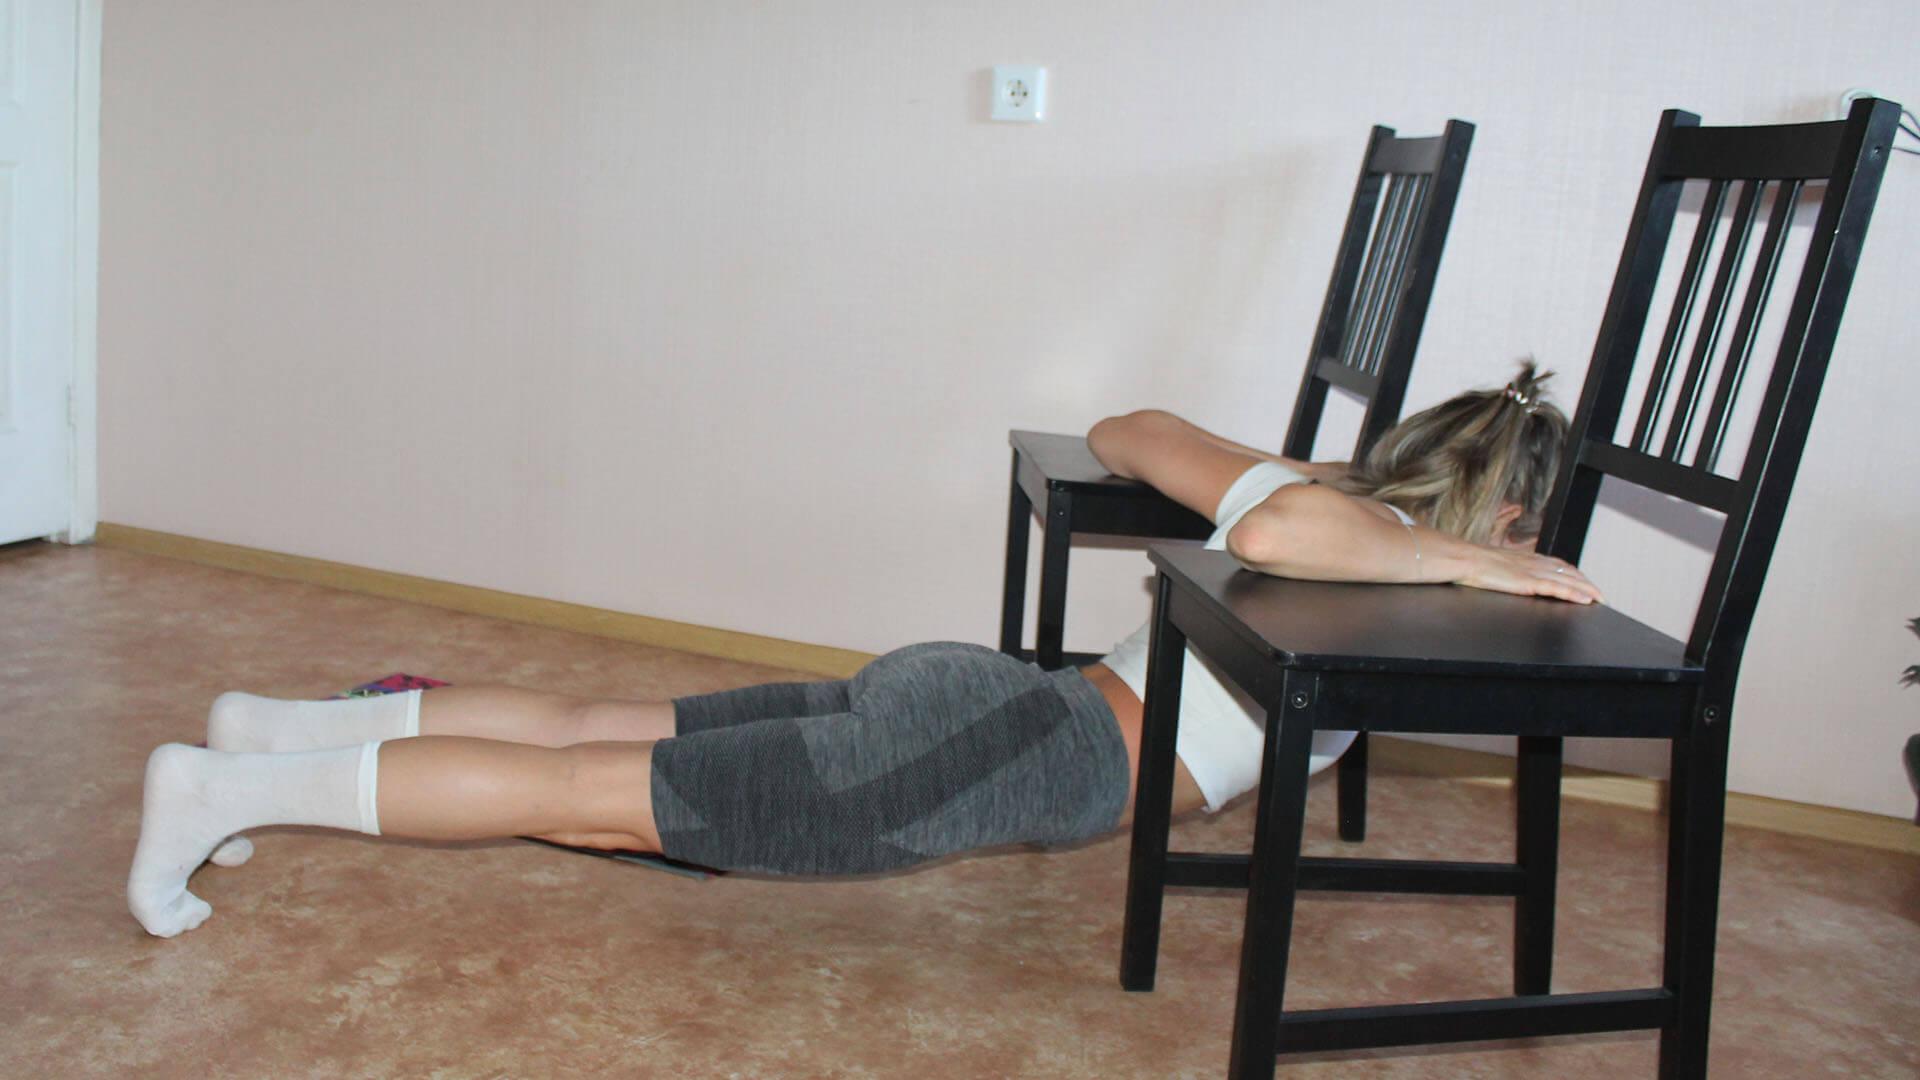 Растяжка малой и большой грудных мышц со стульями: фото упражнения.